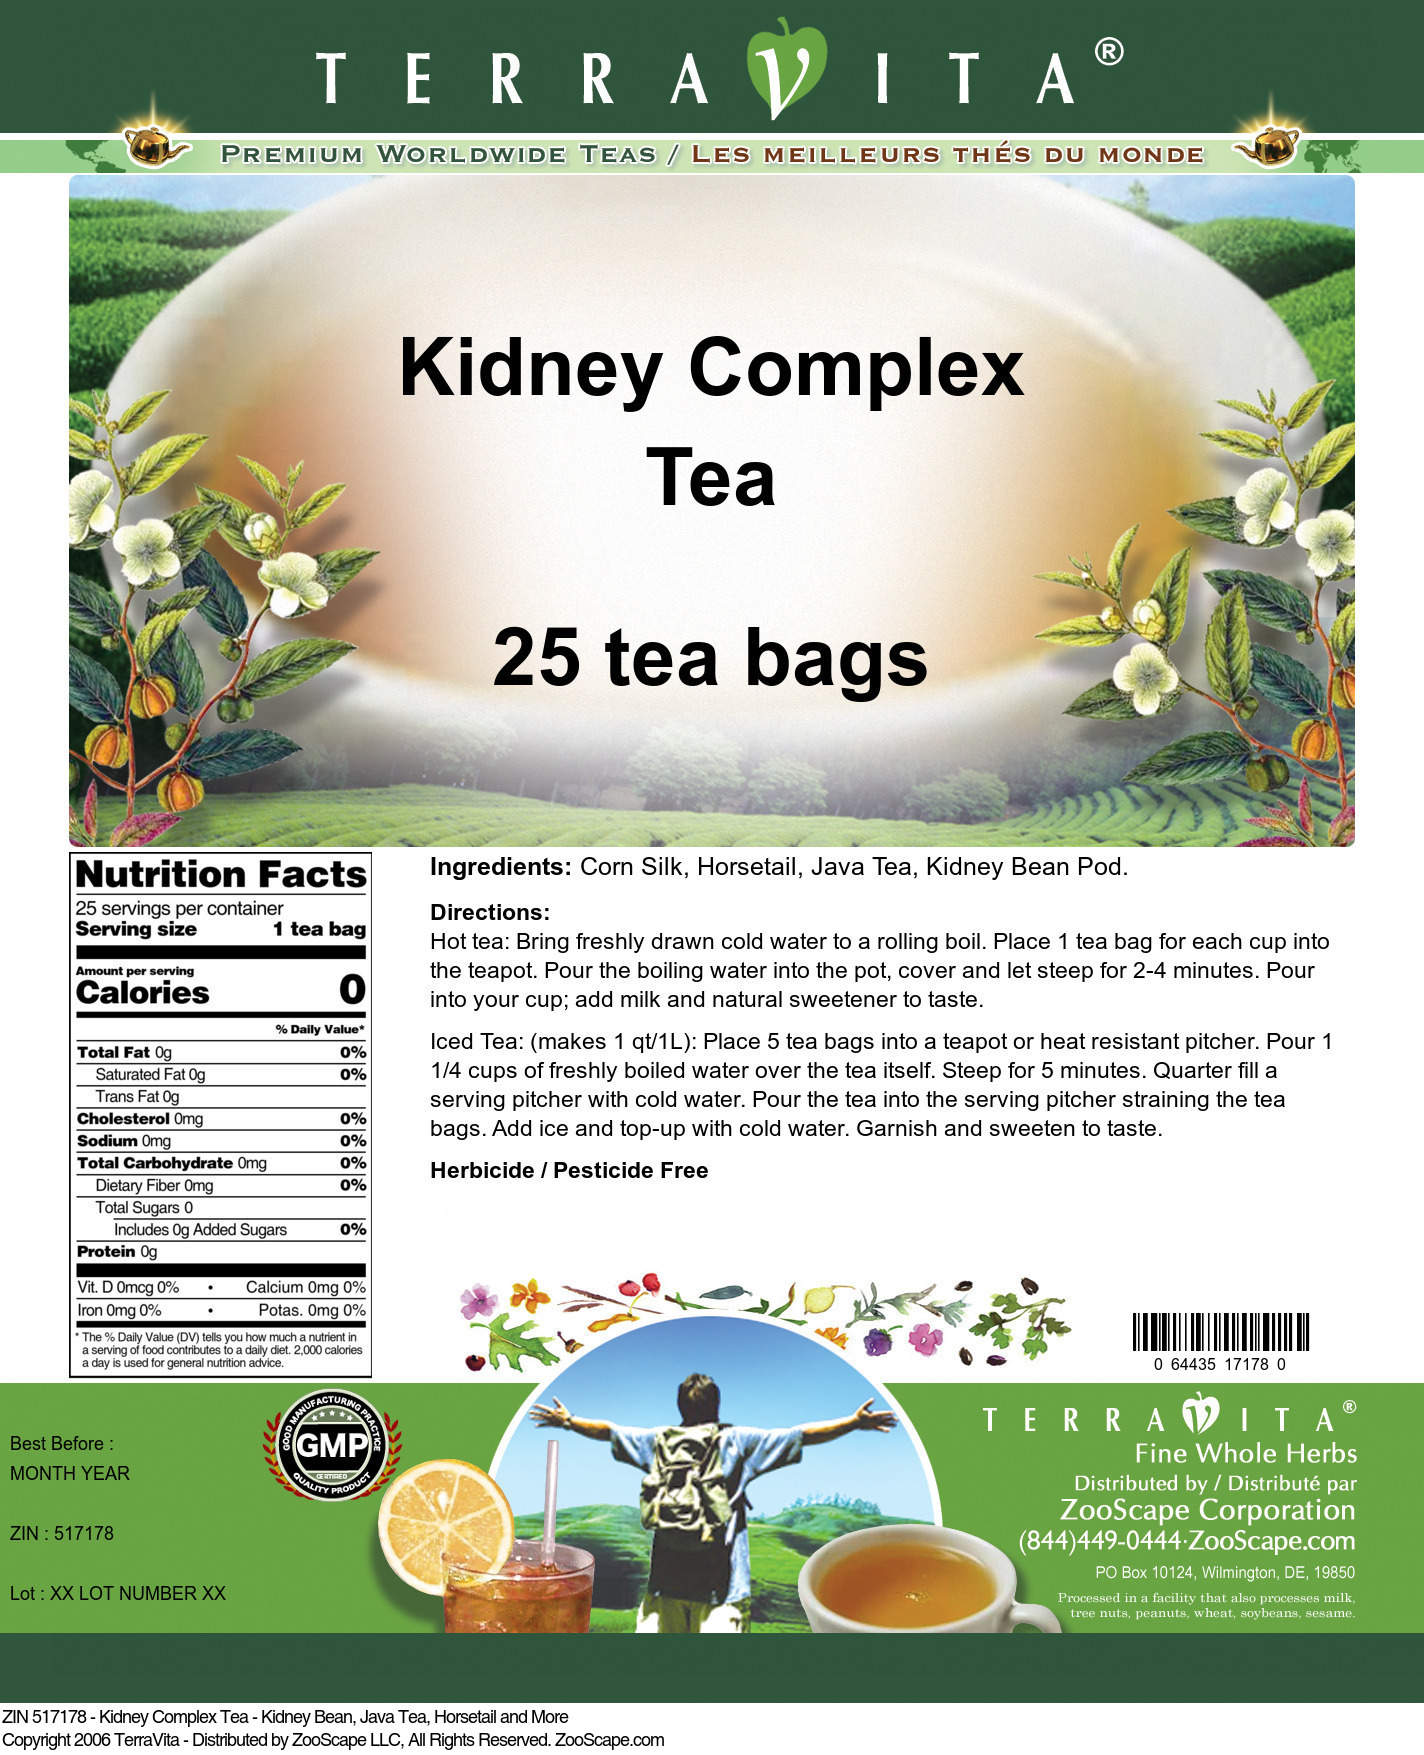 Kidney Complex